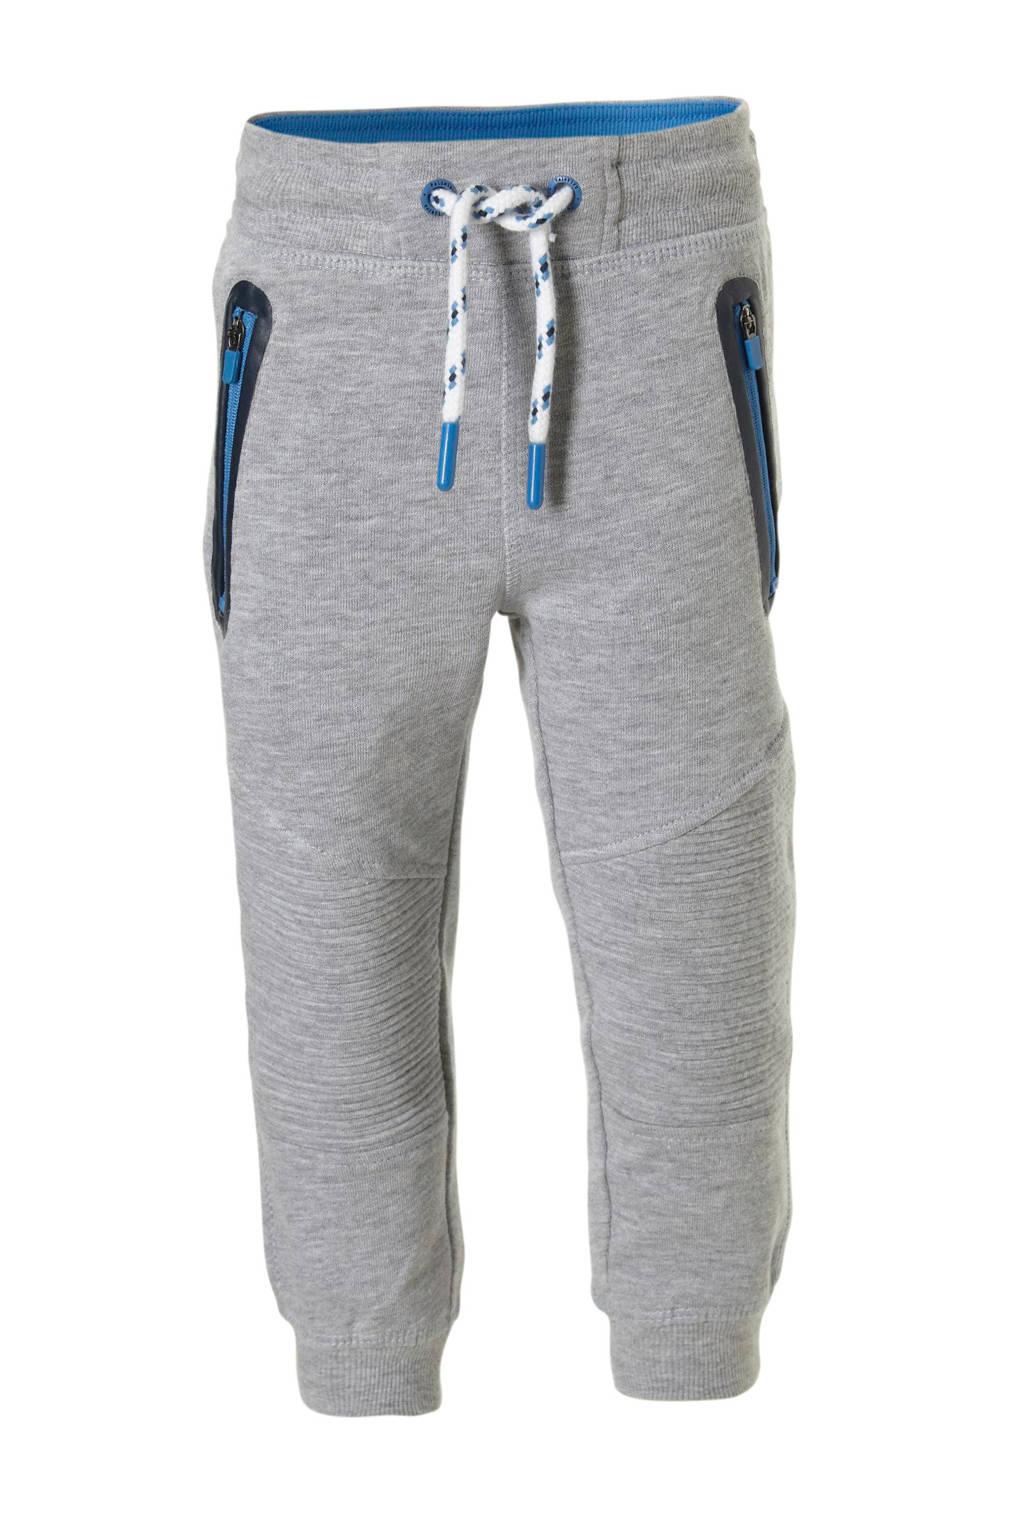 C&A Palomino   joggingbroek met ribbels grijs, Grijs melange